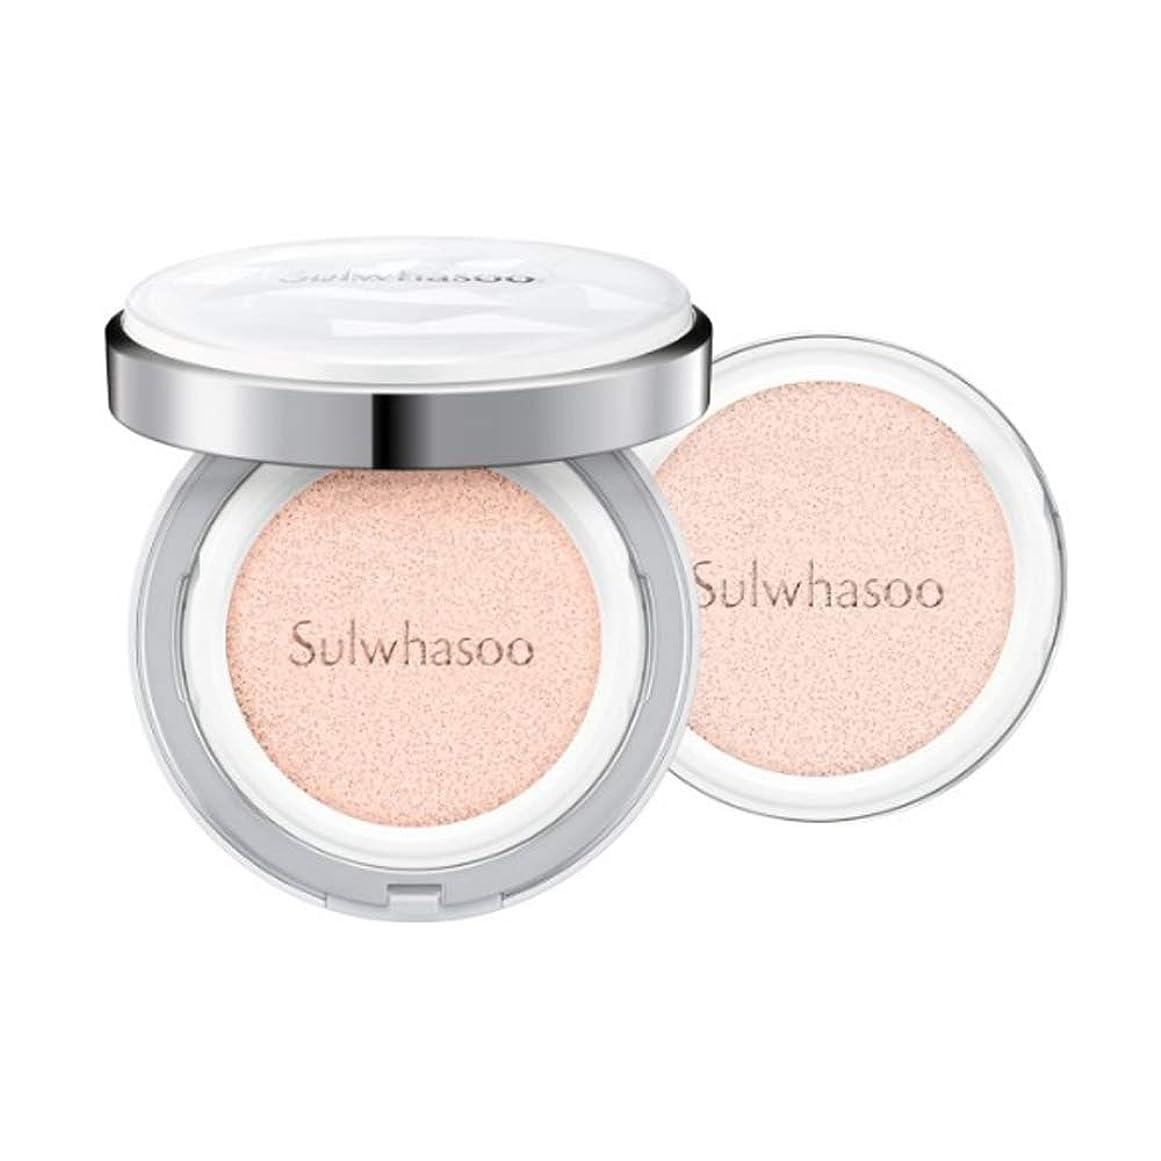 電信逆説二年生[Sulwhasoo]雪花秀(ソルファス)滋晶(ジャジョン)ブライトニングクッション #21ナチュラルピンク SPF50+/PA+++ Snowise Brightening Cushion 21 Natural Pink